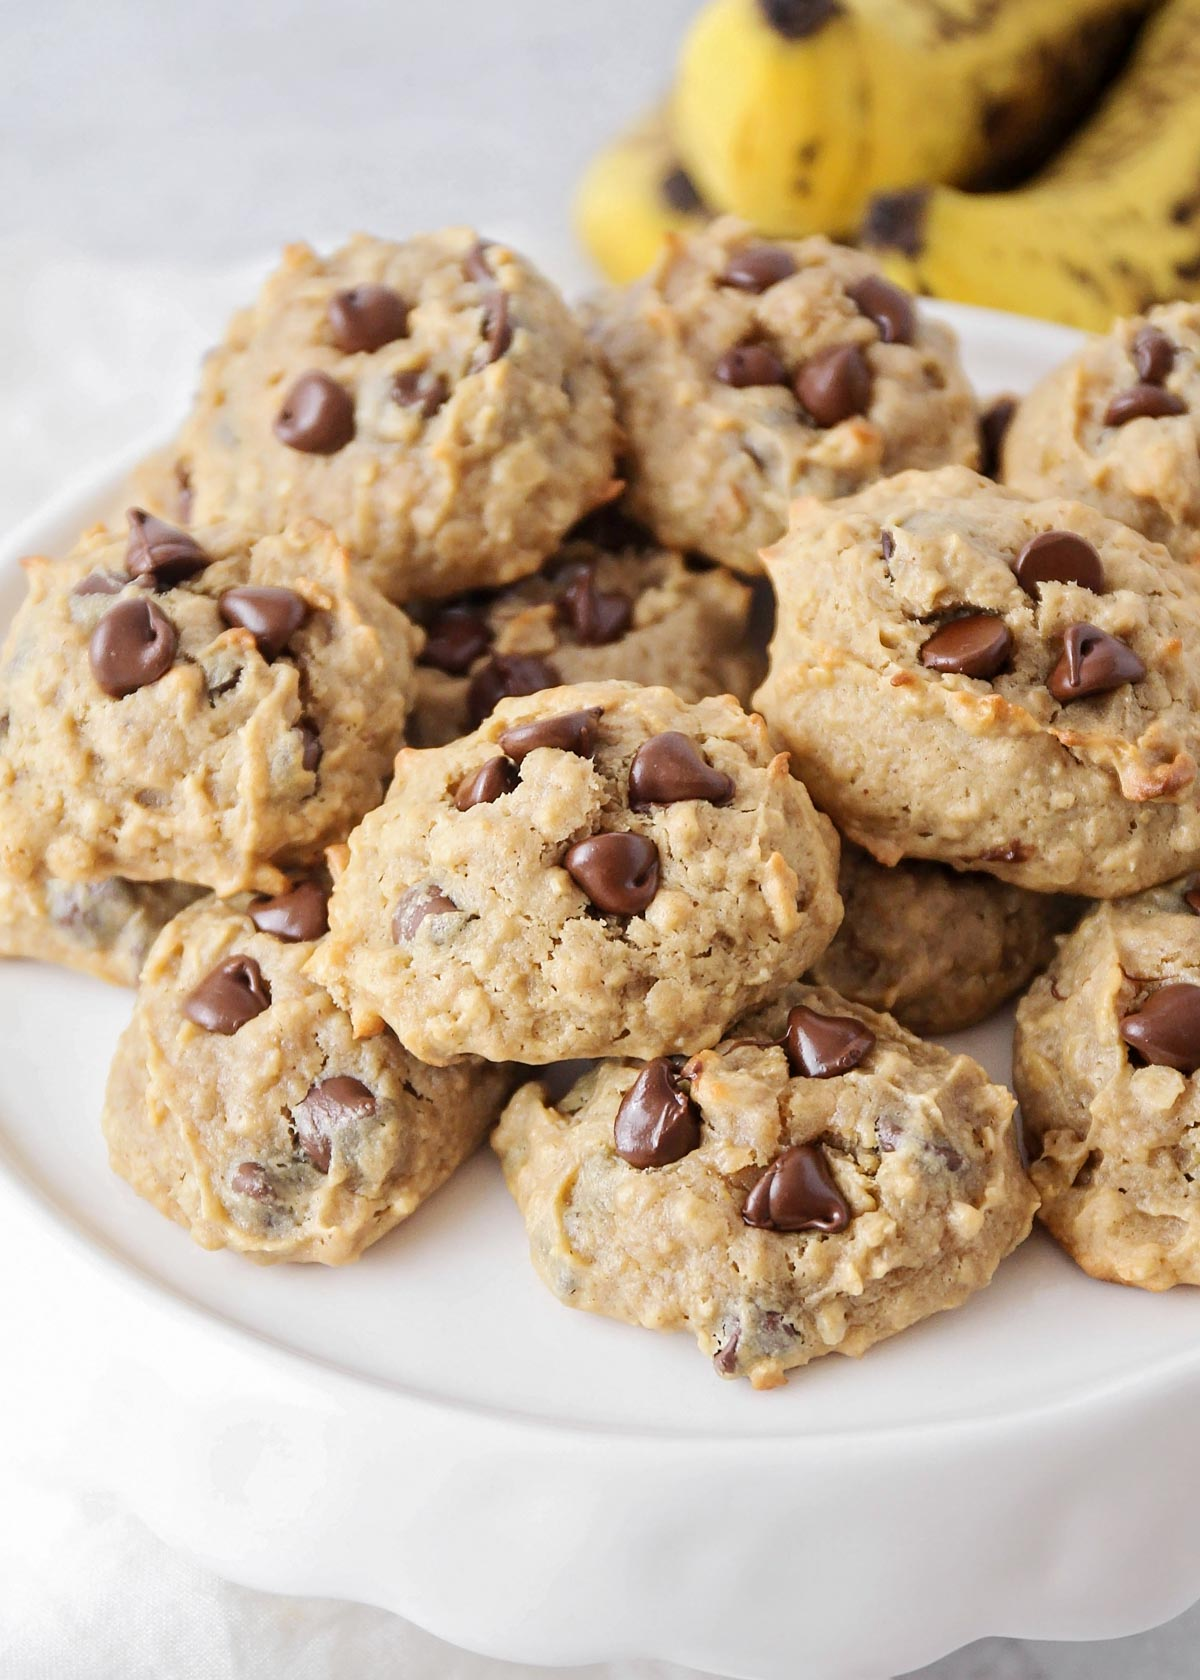 Peanut butter banana cookies on a serving platter